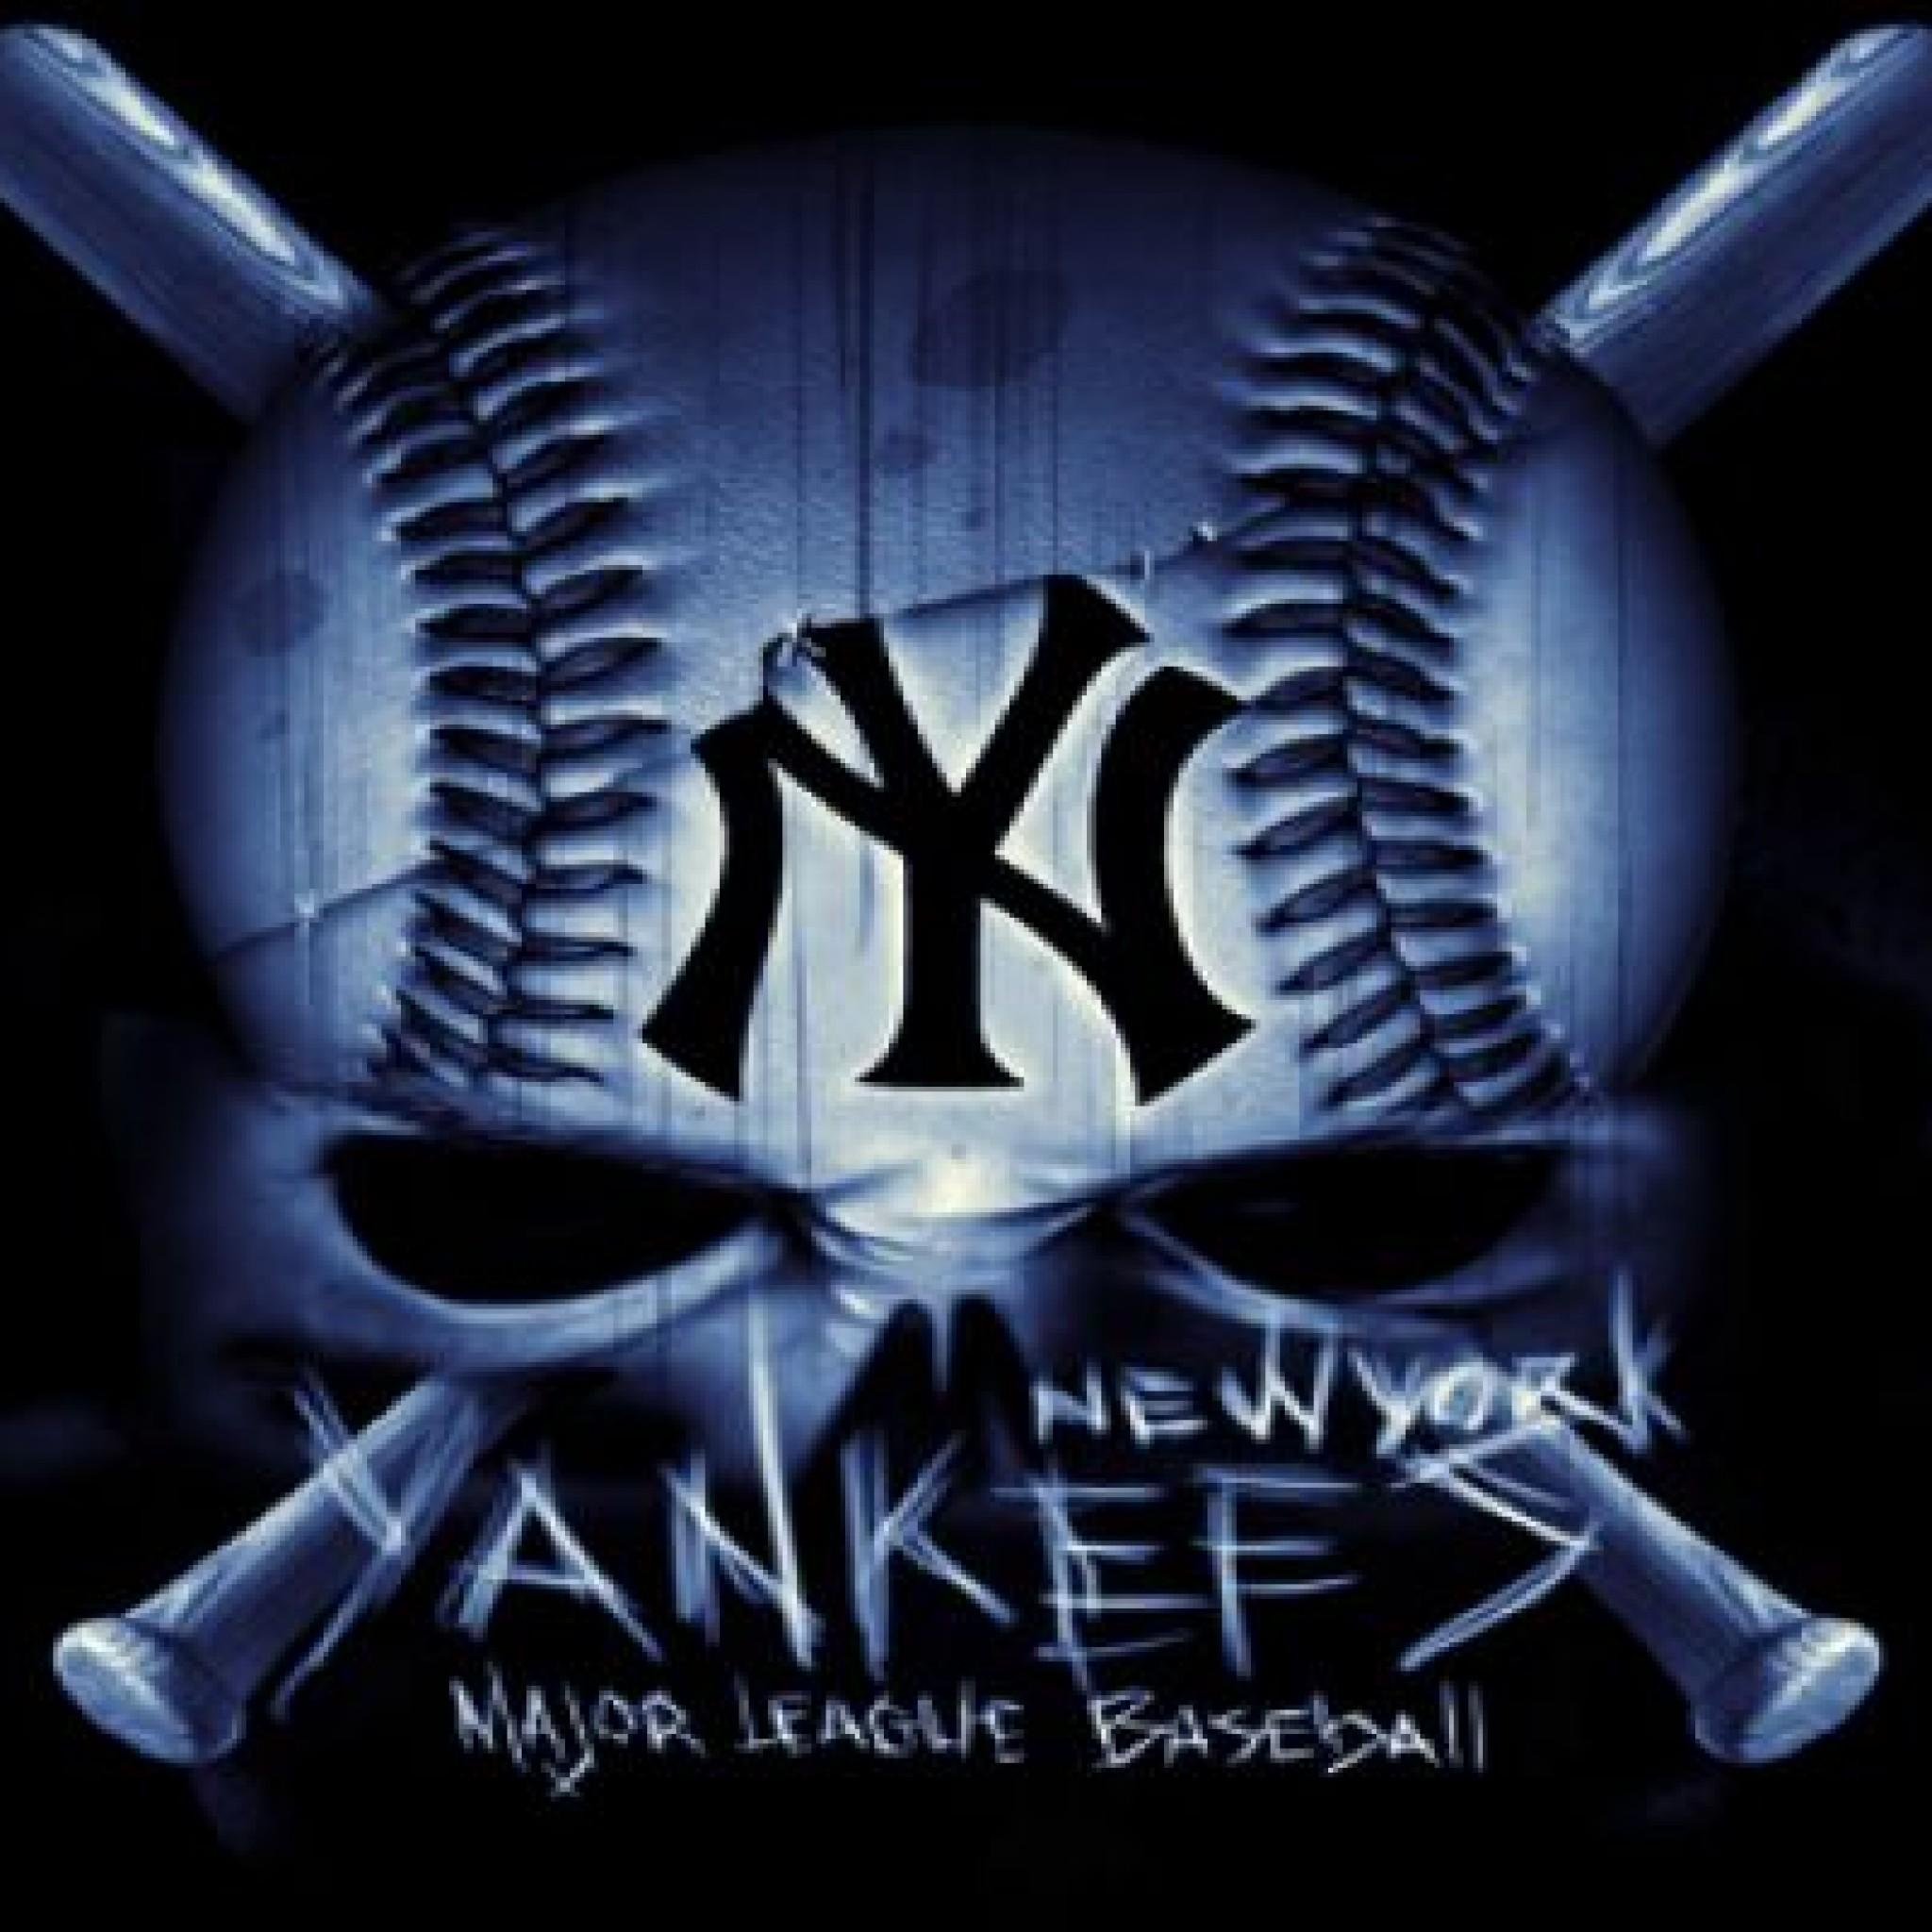 Free New York Yankees Wallpaper - WallpaperSafari